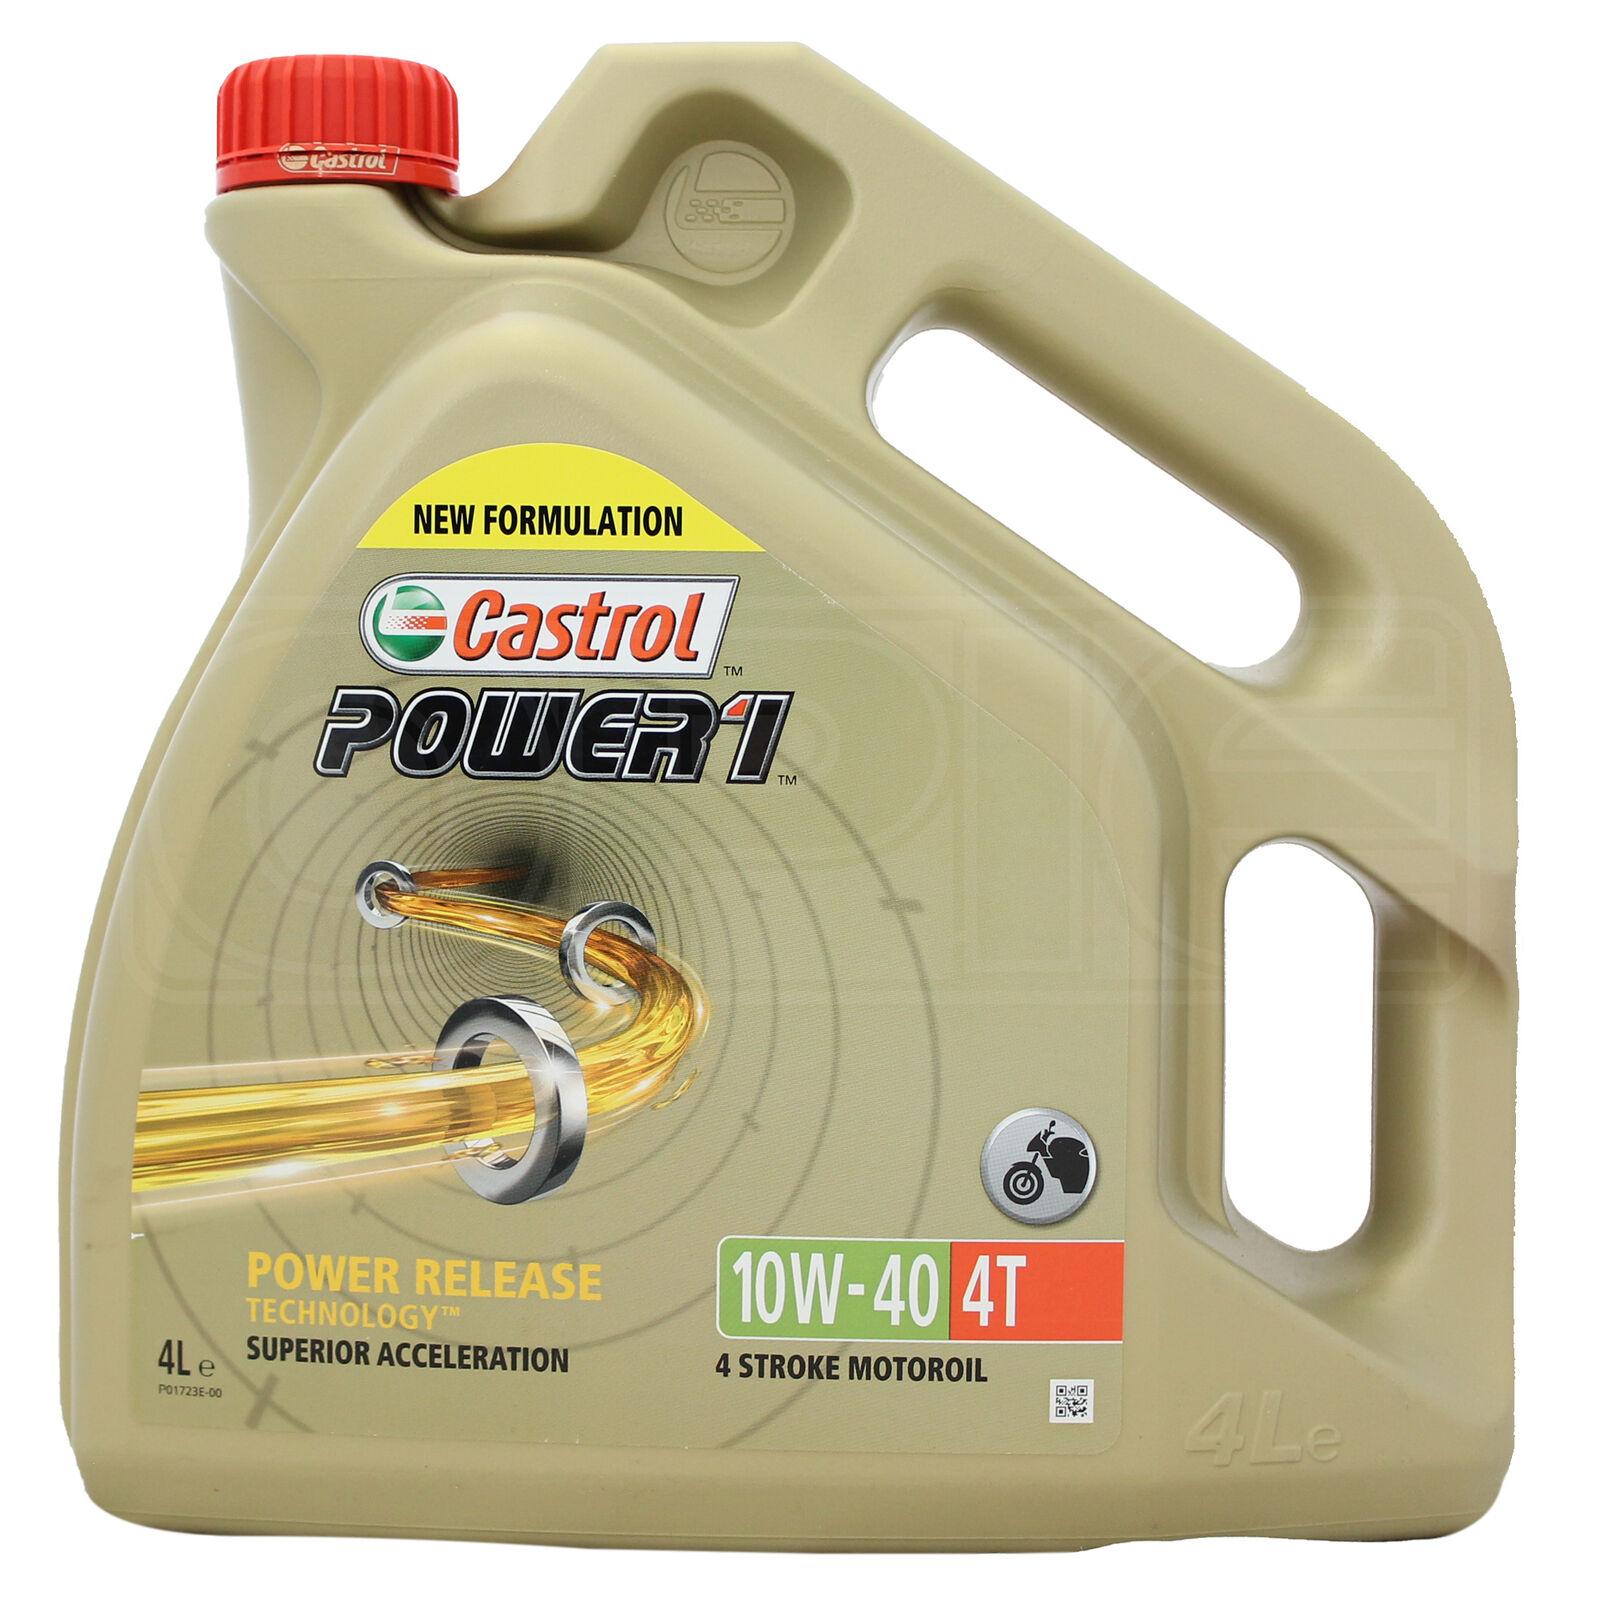 Castrol Power 1 4T 10w-40 Motorcycle 4 Stroke Engine Oil 10W40 4 Litre 4L £25.24 @ ebay / opieoils